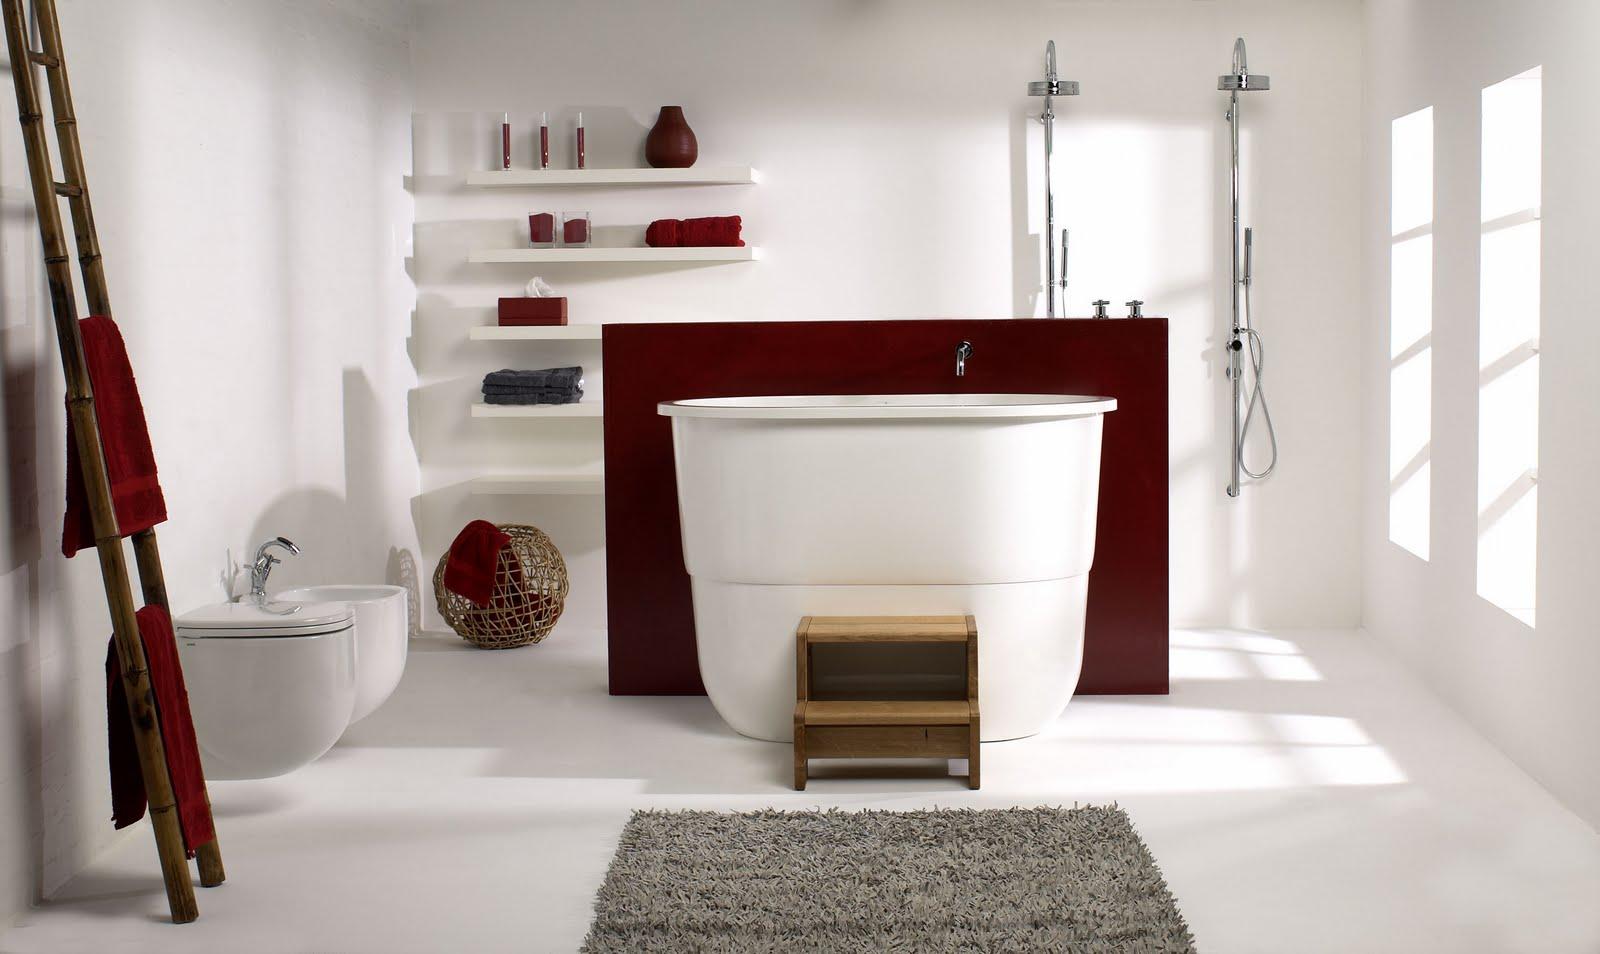 dicas de decoracao de banheiro com banheira moderna 4.jpg #38140F 1600x954 Banheira Para Banheiro Usada